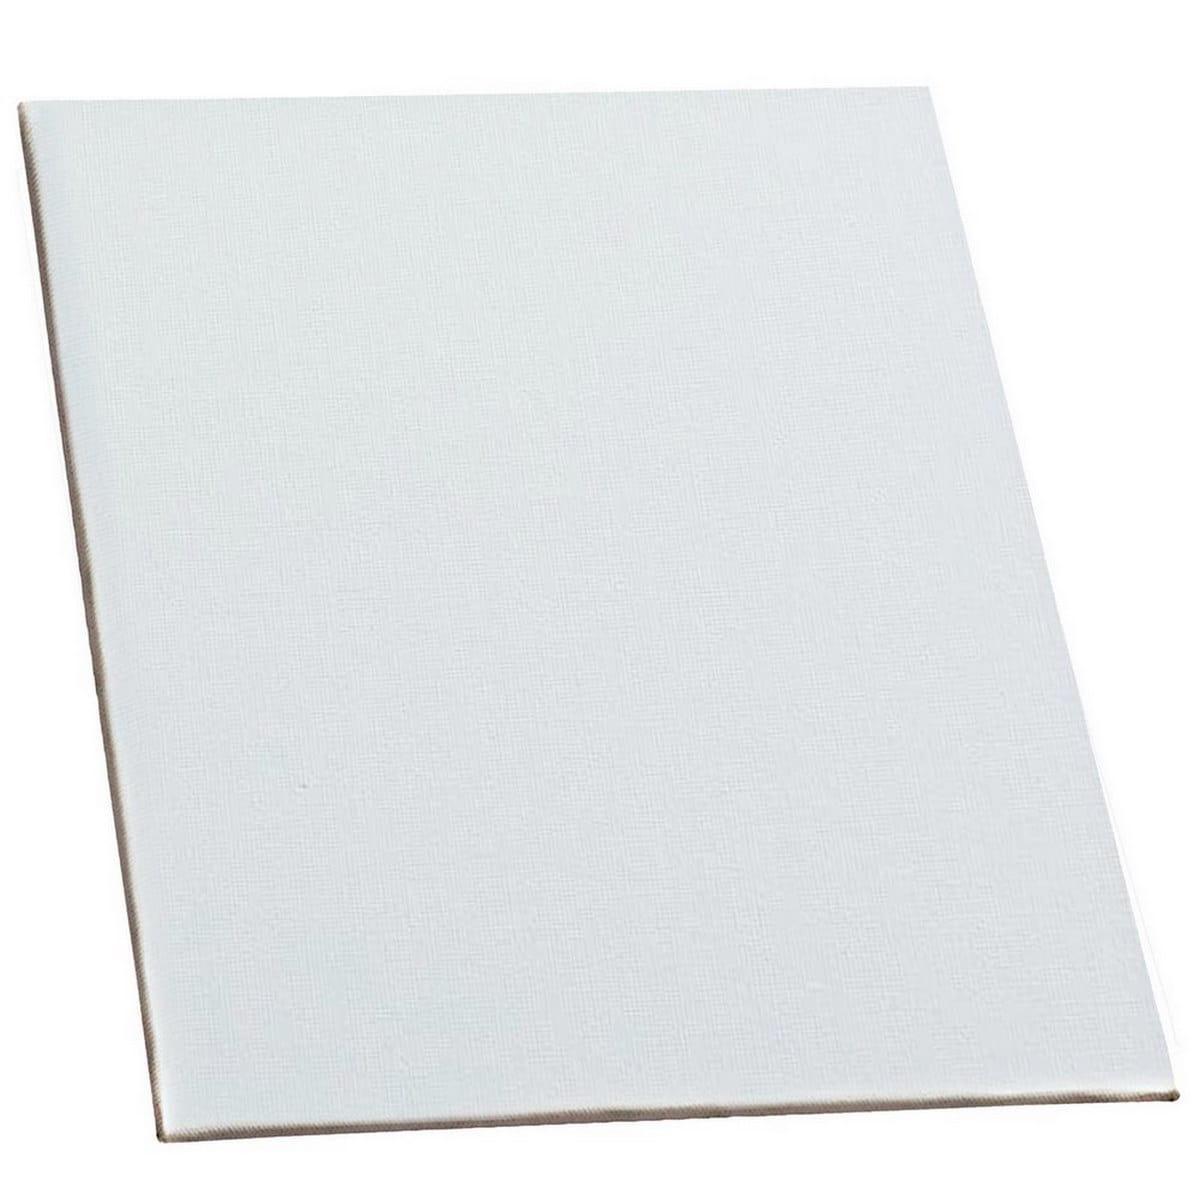 MDF White Canvas Board Size: 15.2 X 20.3 cm (6x8 Inches)